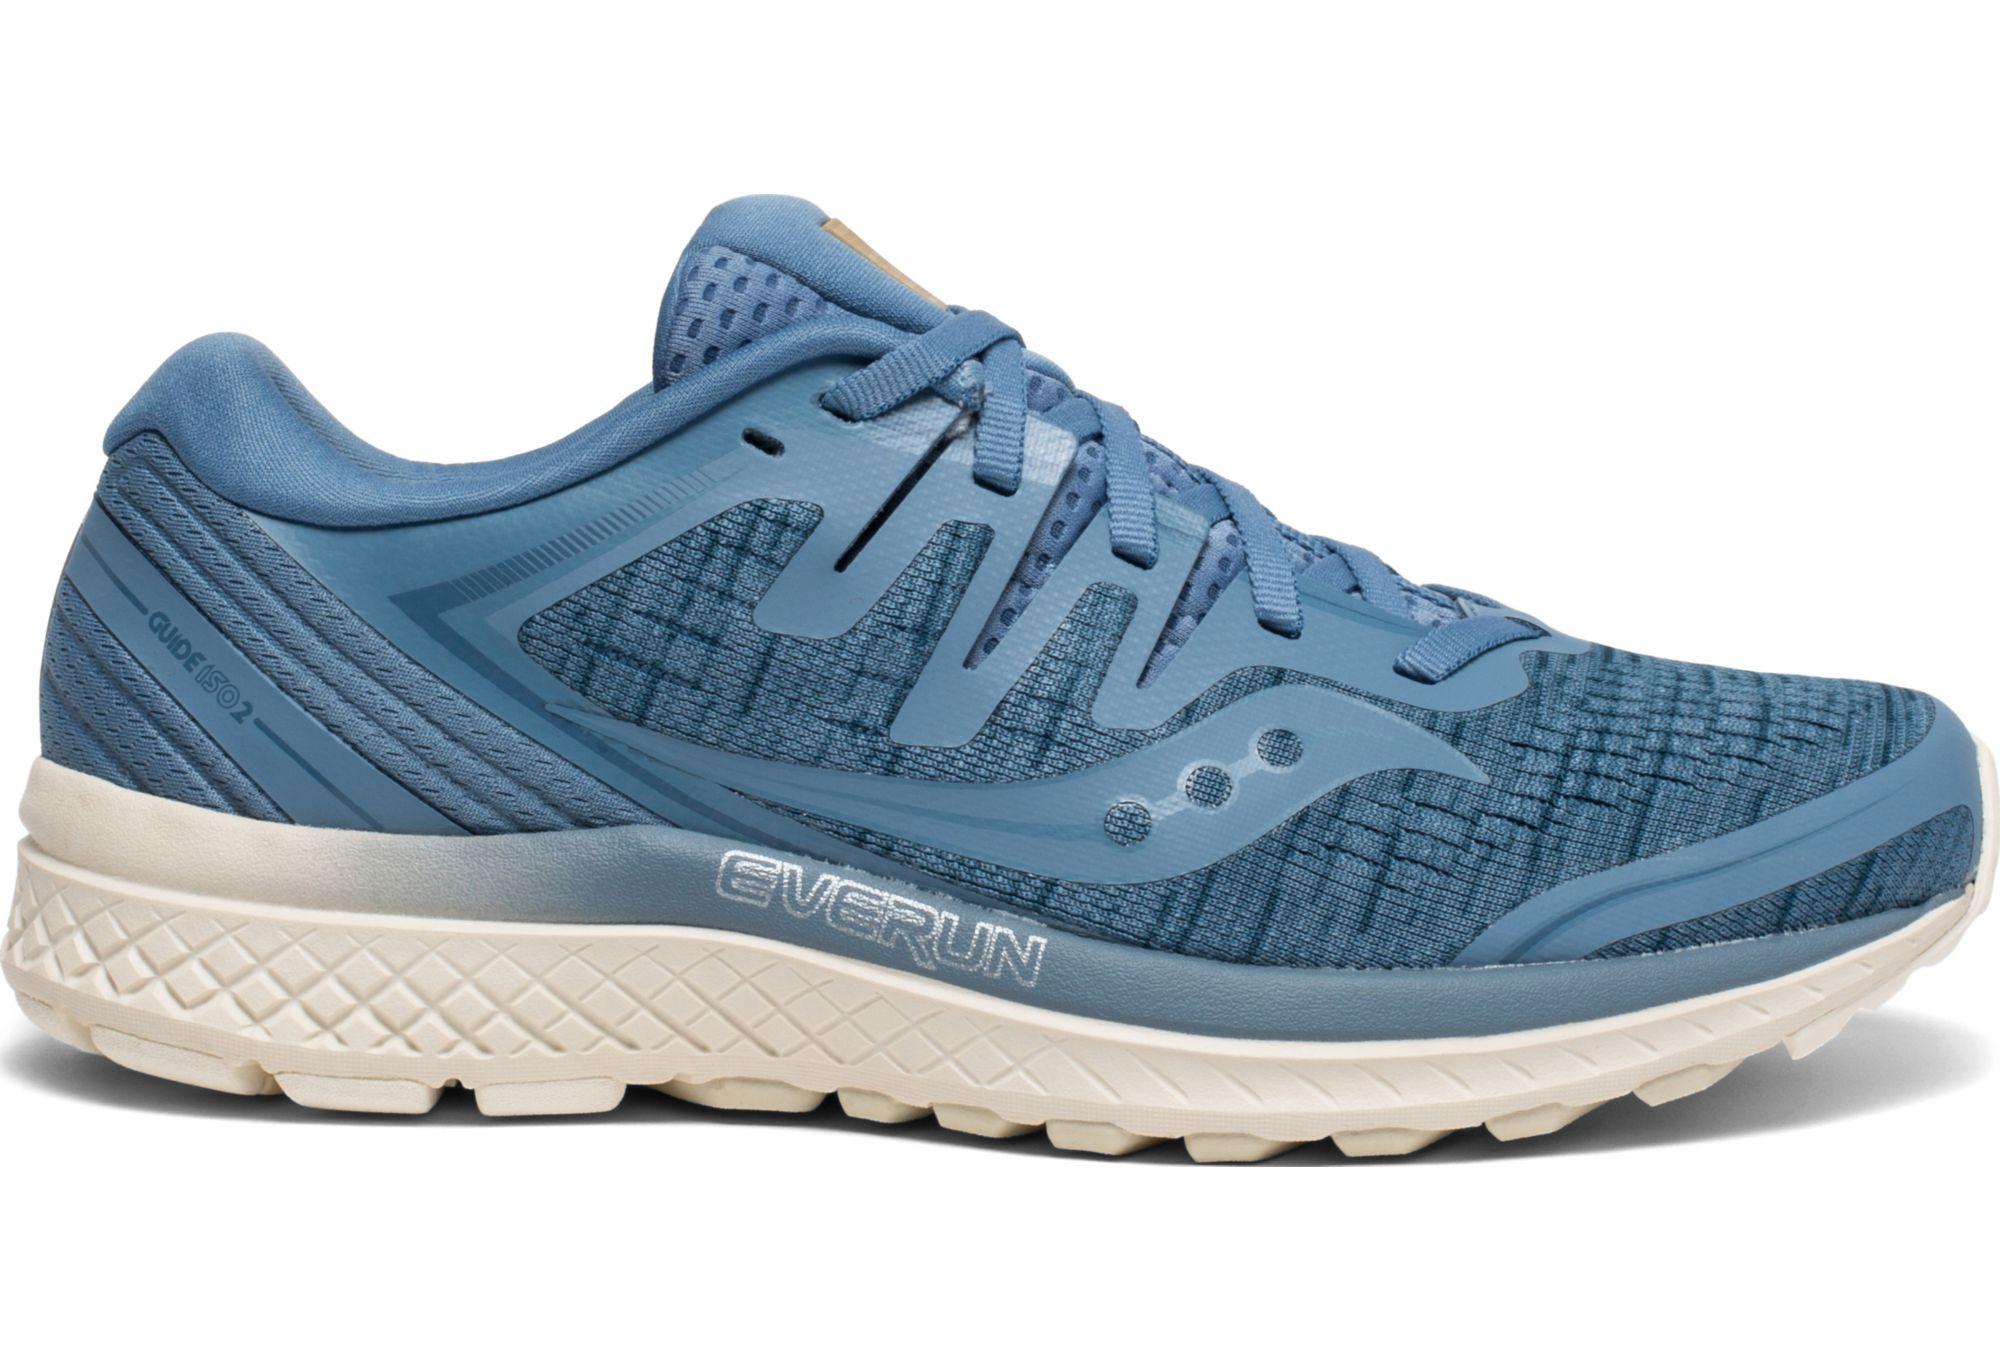 Mujer | Zapatos Para Correr SAUCONY Guide 8 | AzulArmada